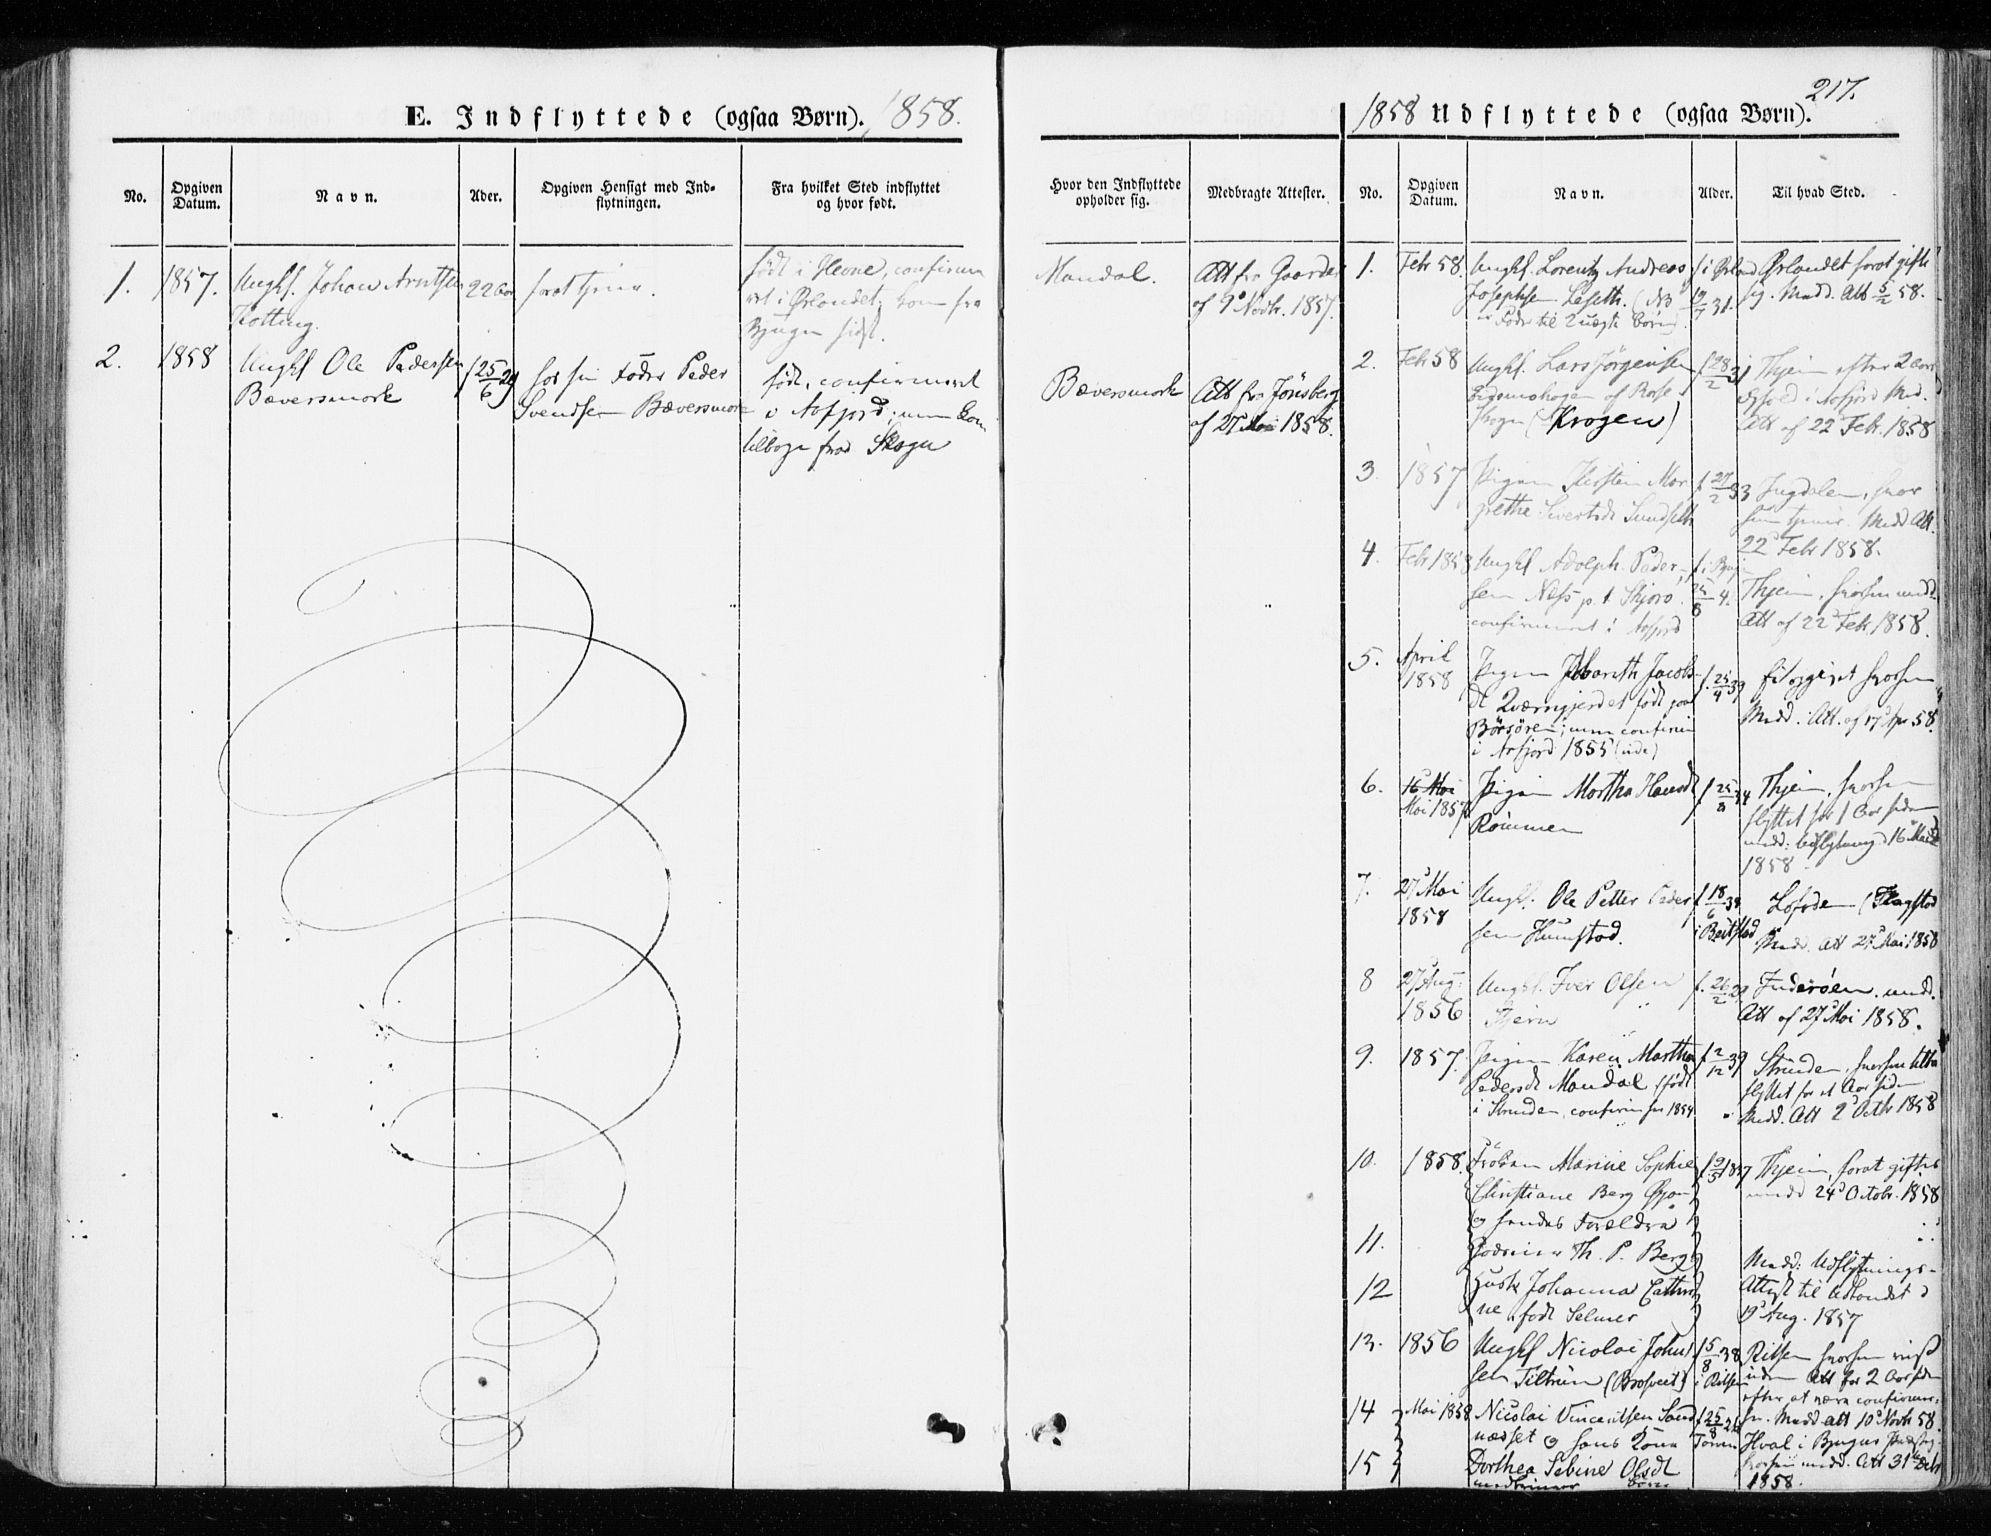 SAT, Ministerialprotokoller, klokkerbøker og fødselsregistre - Sør-Trøndelag, 655/L0677: Ministerialbok nr. 655A06, 1847-1860, s. 217